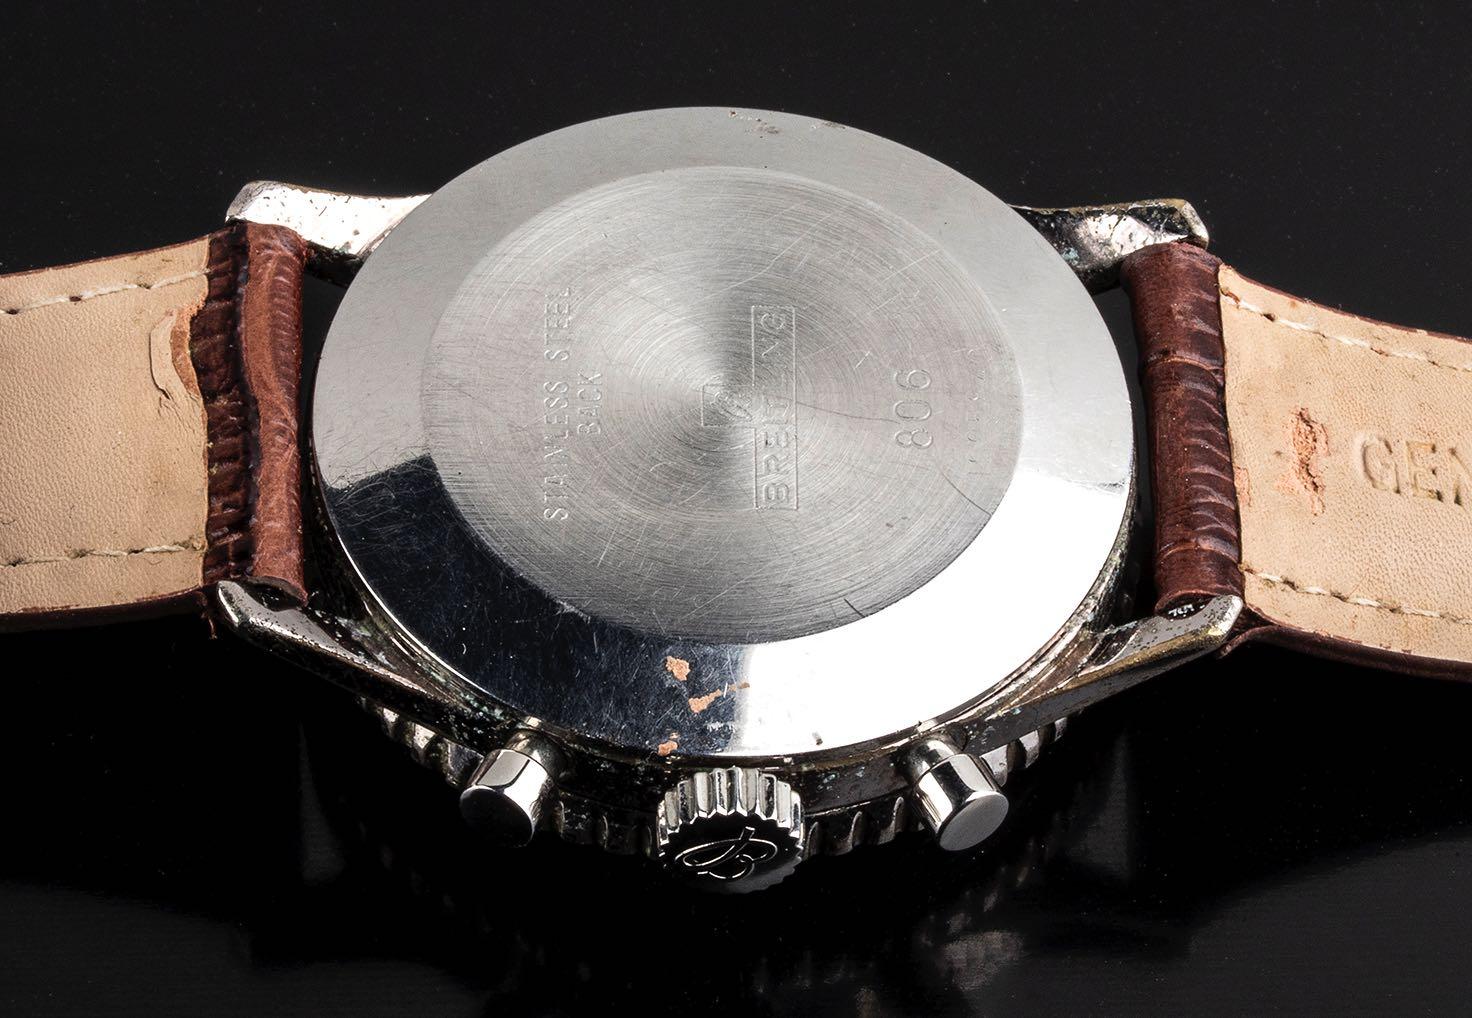 Breitling chrono Navitimer ref 806 1960's - Image 3 of 4